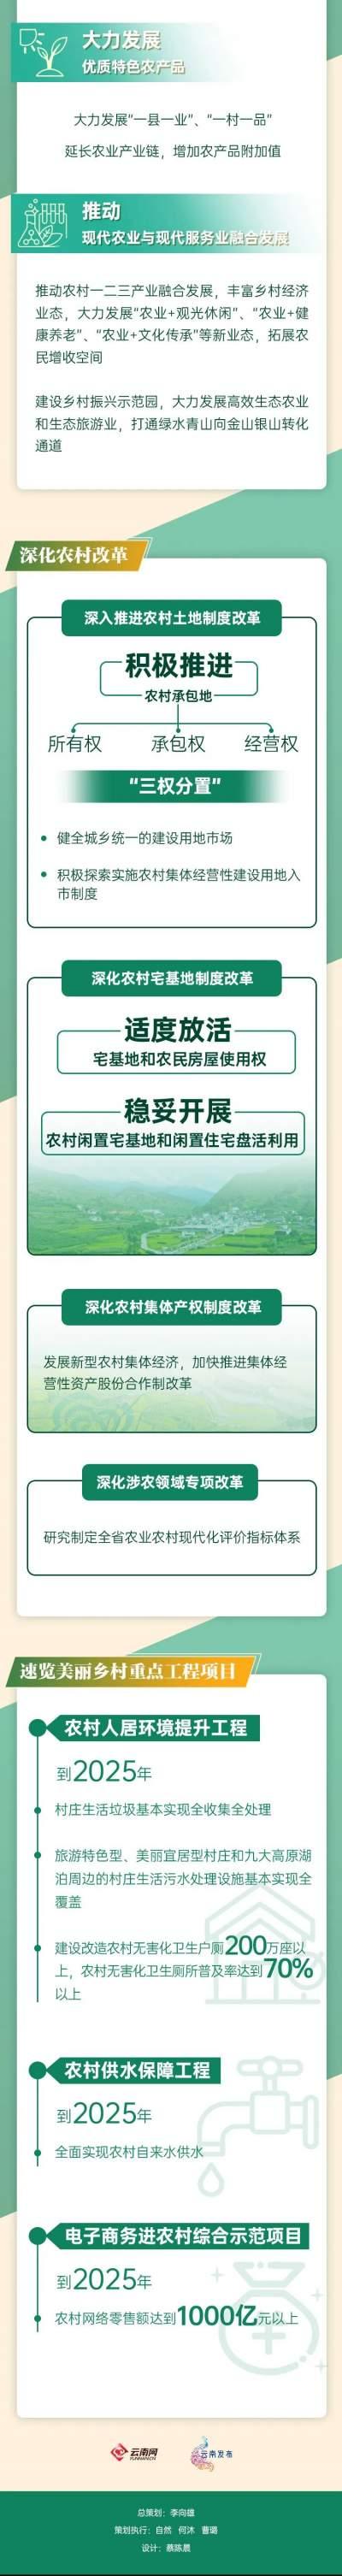 乡村振兴,未来五年云南要办成这些大事!